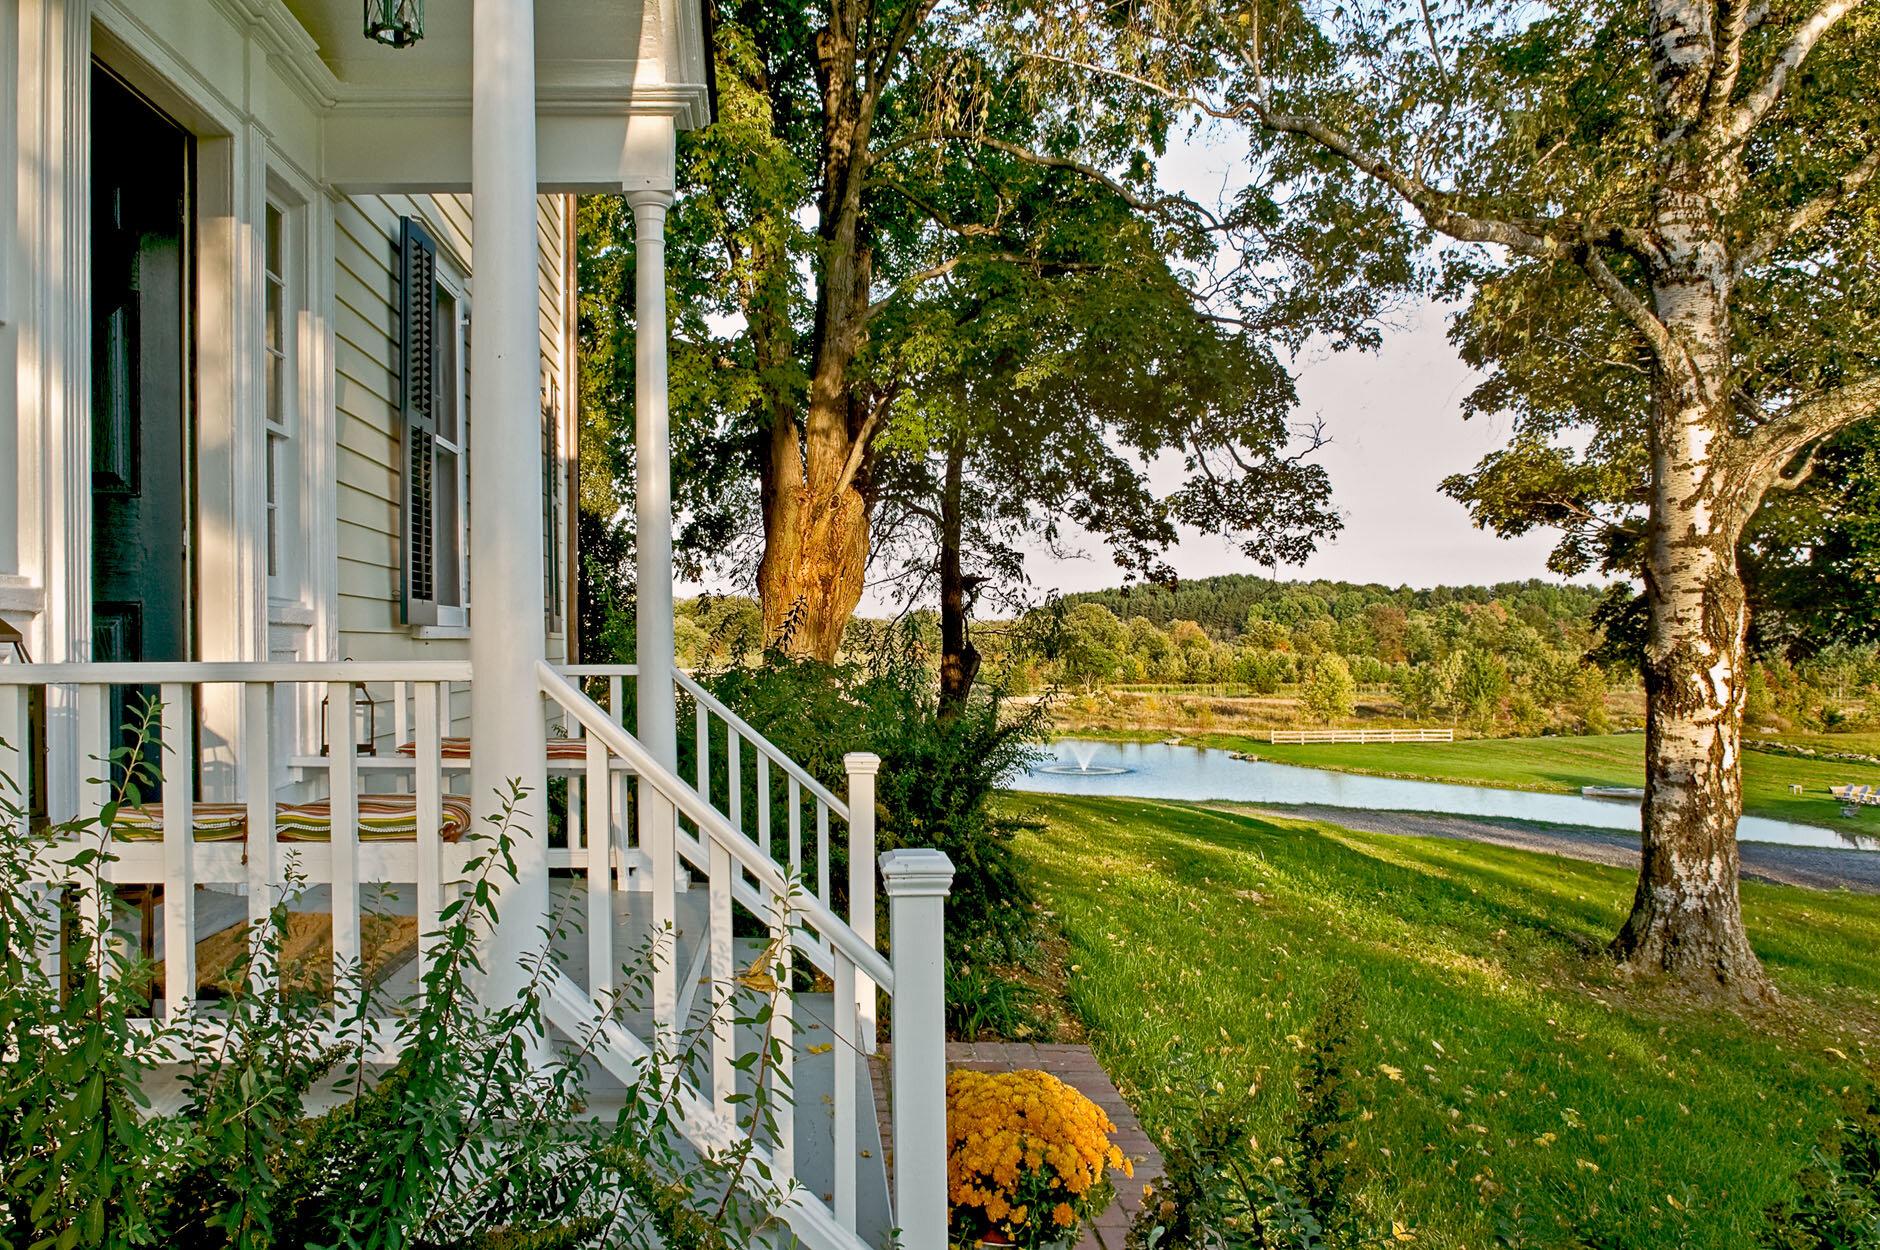 Karosis Safriet From front porch toward lake.jpg